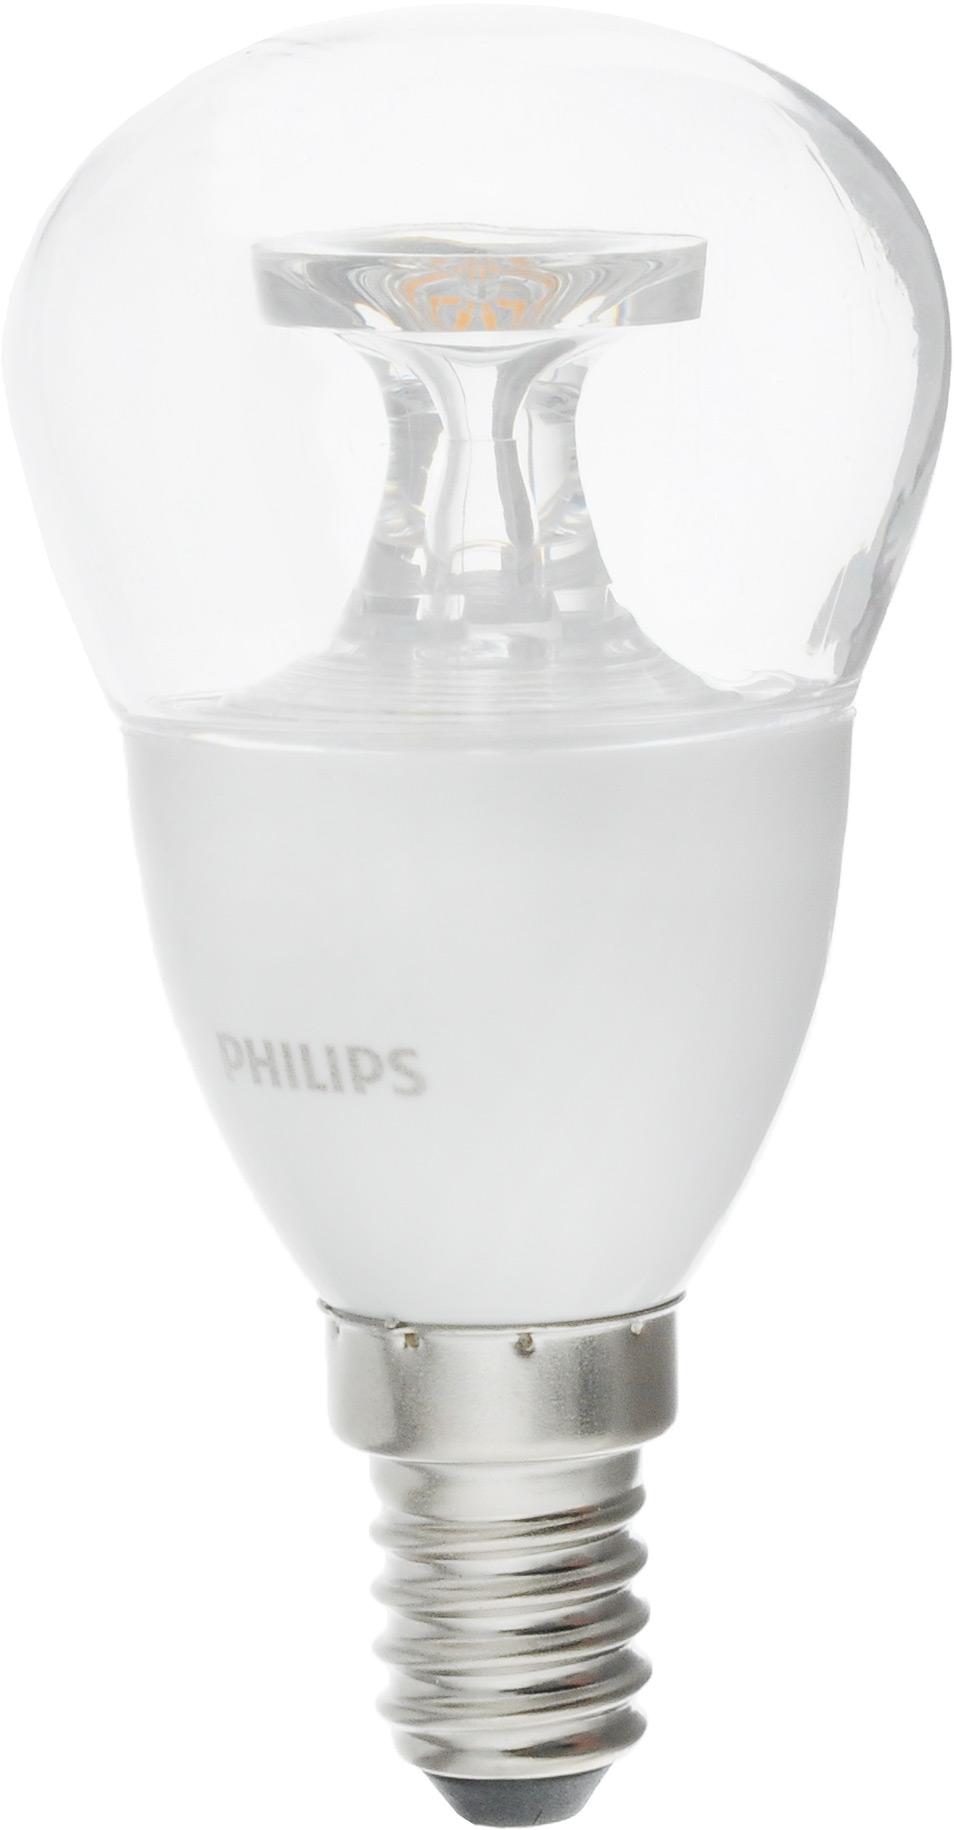 Лампа светодиодная Philips LED lustre, цоколь E14, 5,5-40W, 2700КЛампа LED 5.5-40W E14 2700K 230V P45CLNDСовременные светодиодные лампы Philips LED lustre экономичны, имеют долгий срок службы и мгновенно загораются, заполняя комнату светом. Лампа классической формы и высокой яркости позволяет создать уютную и приятную обстановку в любой комнате вашего дома. Светодиодные лампы потребляют на 91 % меньше электроэнергии, чем обычные лампы накаливания, излучая при этом привычный и приятный теплый свет. Срок службы светодиодной лампы Philips составляет до 15 000 часов, что соответствует общему сроку службы 15 ламп накаливания. В результате менять лампы приходится значительно реже, что сокращает количество отходов. Напряжение: 220-240 В. Световой поток: 470 lm.